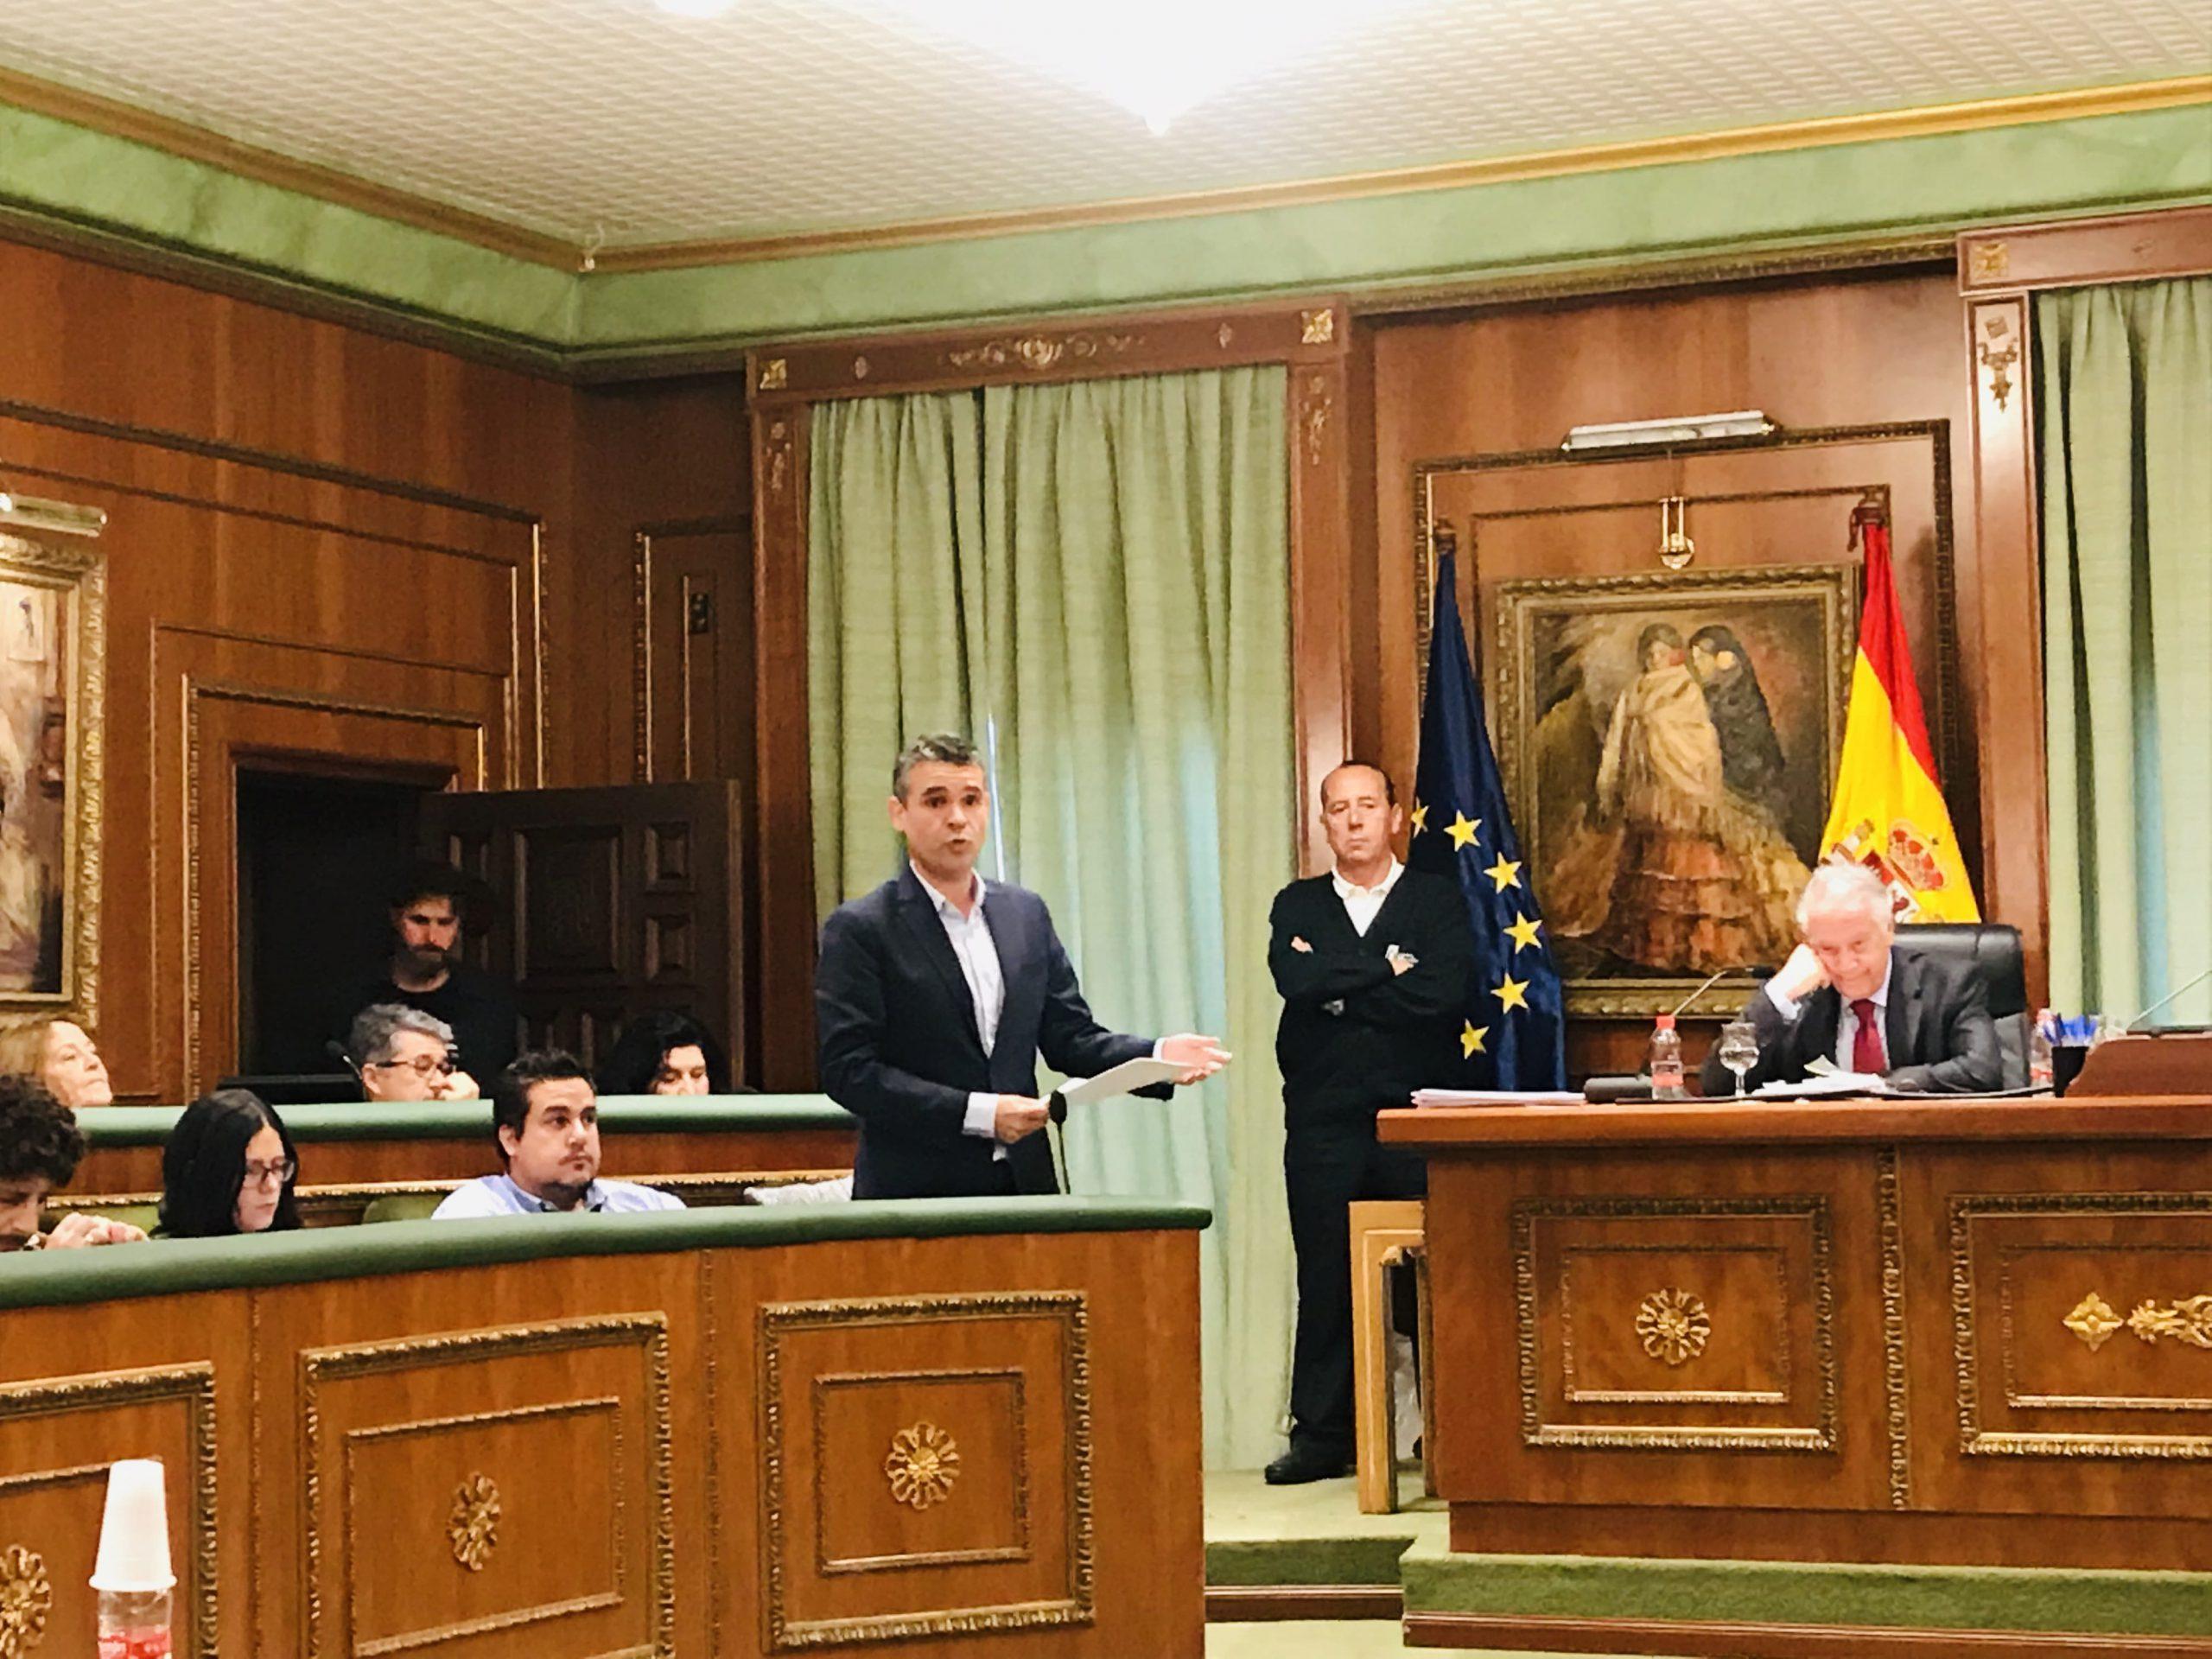 El PSOE asegura que PP y OSP ponen en peligro el futuro económico del Ayuntamiento, recortando transferencias a las sociedades municipales